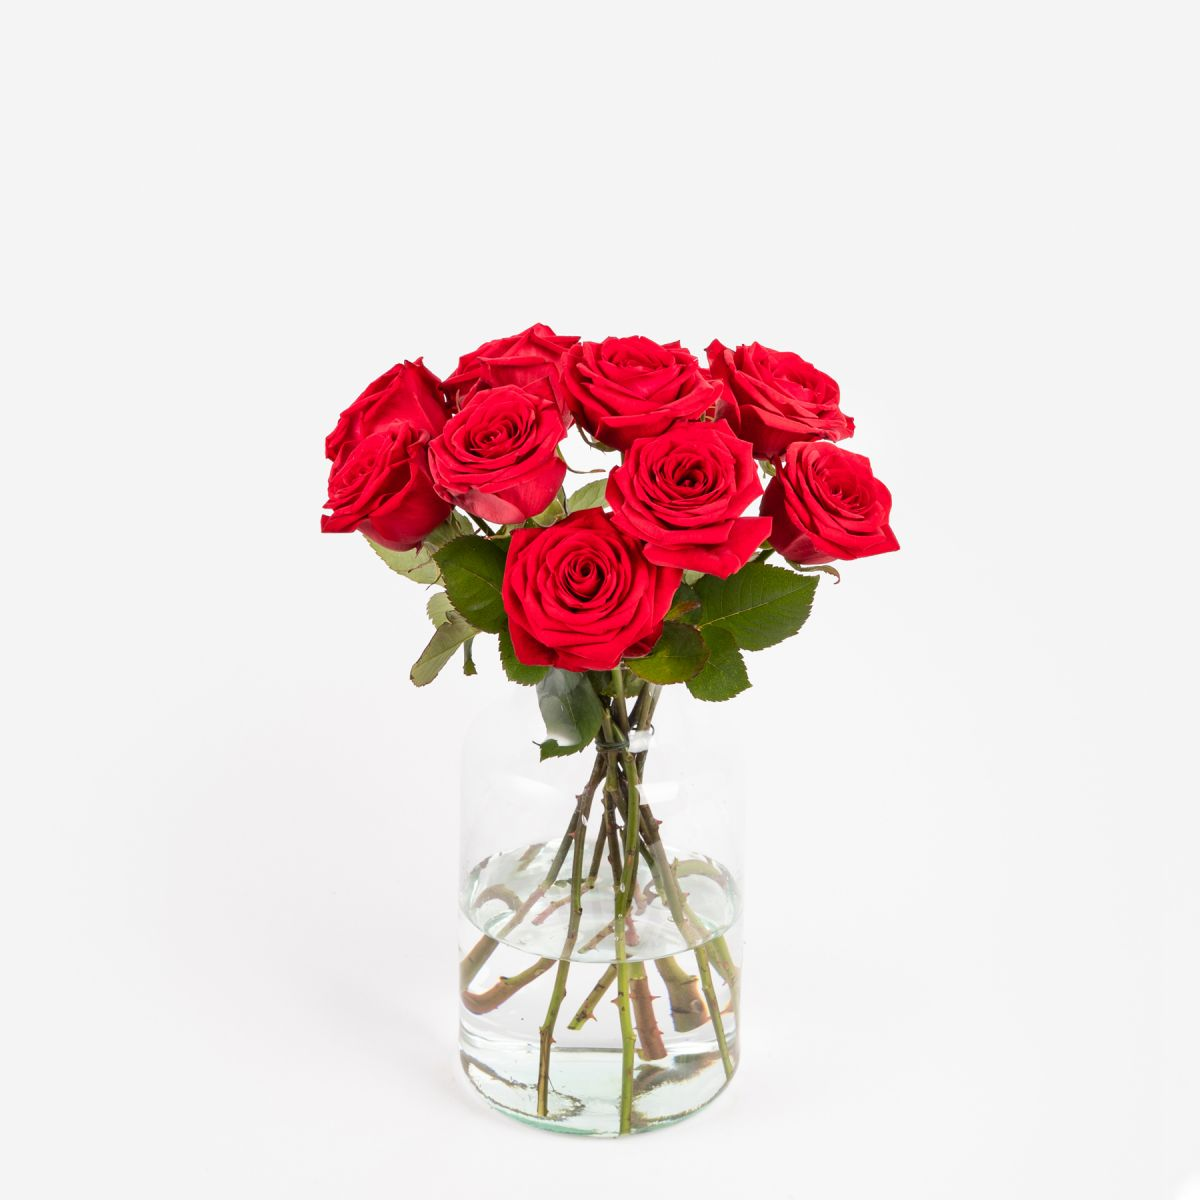 Mazzo di Rose Rosse - Loving Red Roses - Fiori a domicilio - Colvin